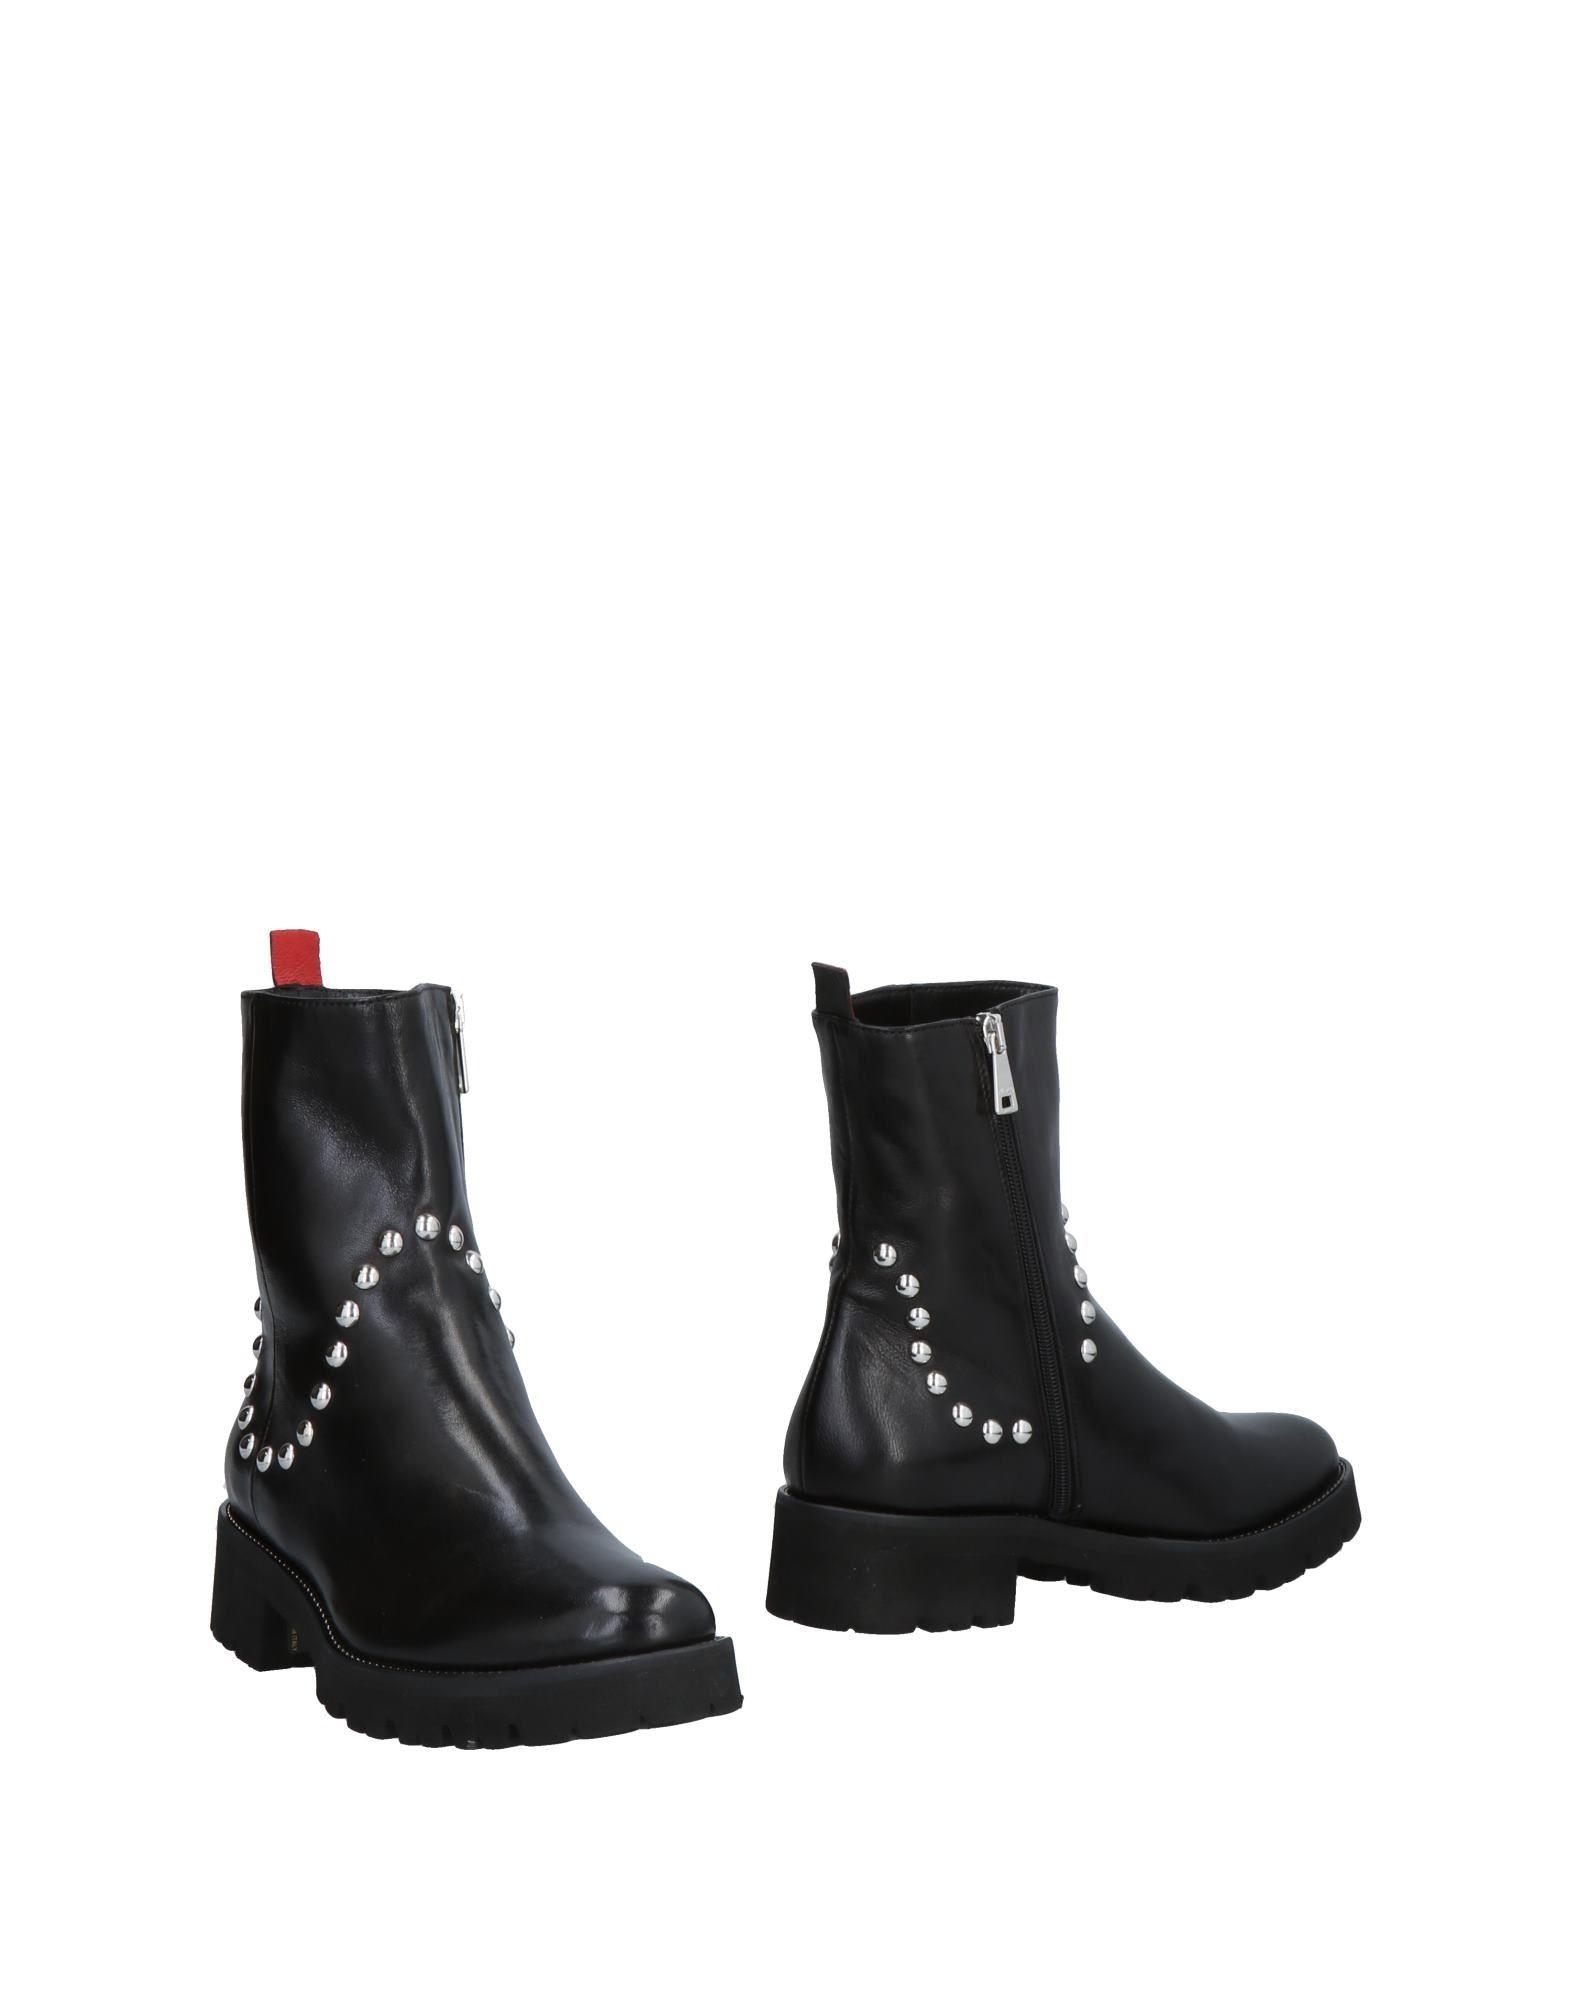 Ma & Lo' Stiefelette Damen Damen Damen  11486061HC Gute Qualität beliebte Schuhe cef926